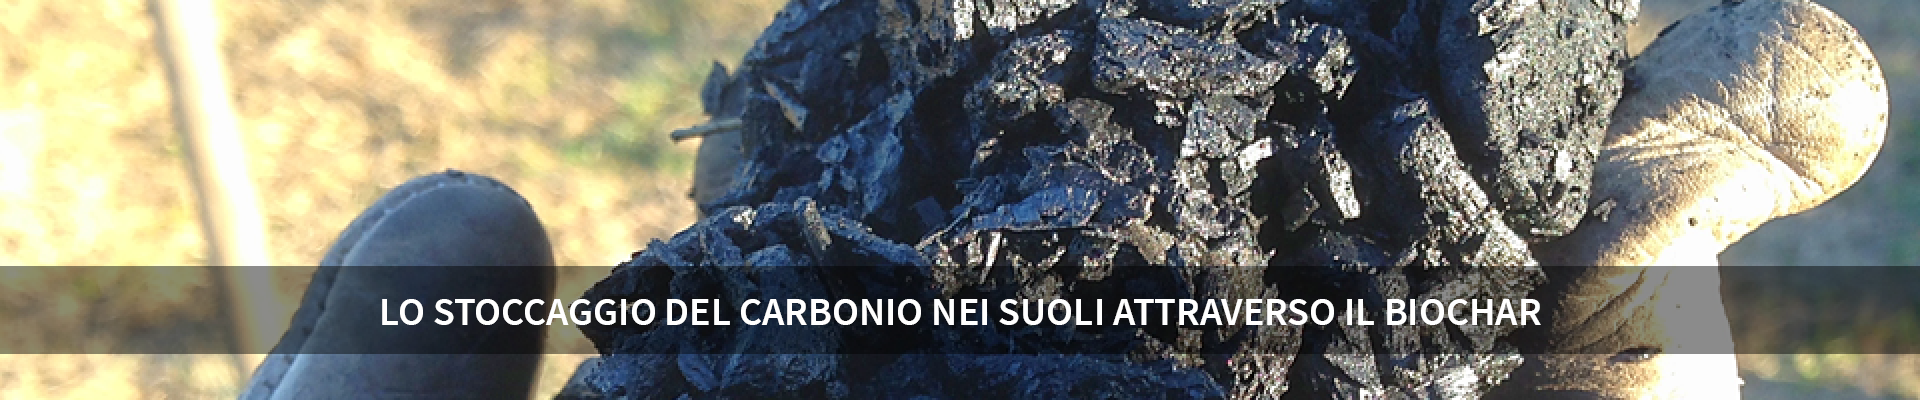 Lo stoccaggio del carbonio nei suoli attraverso il biochar -